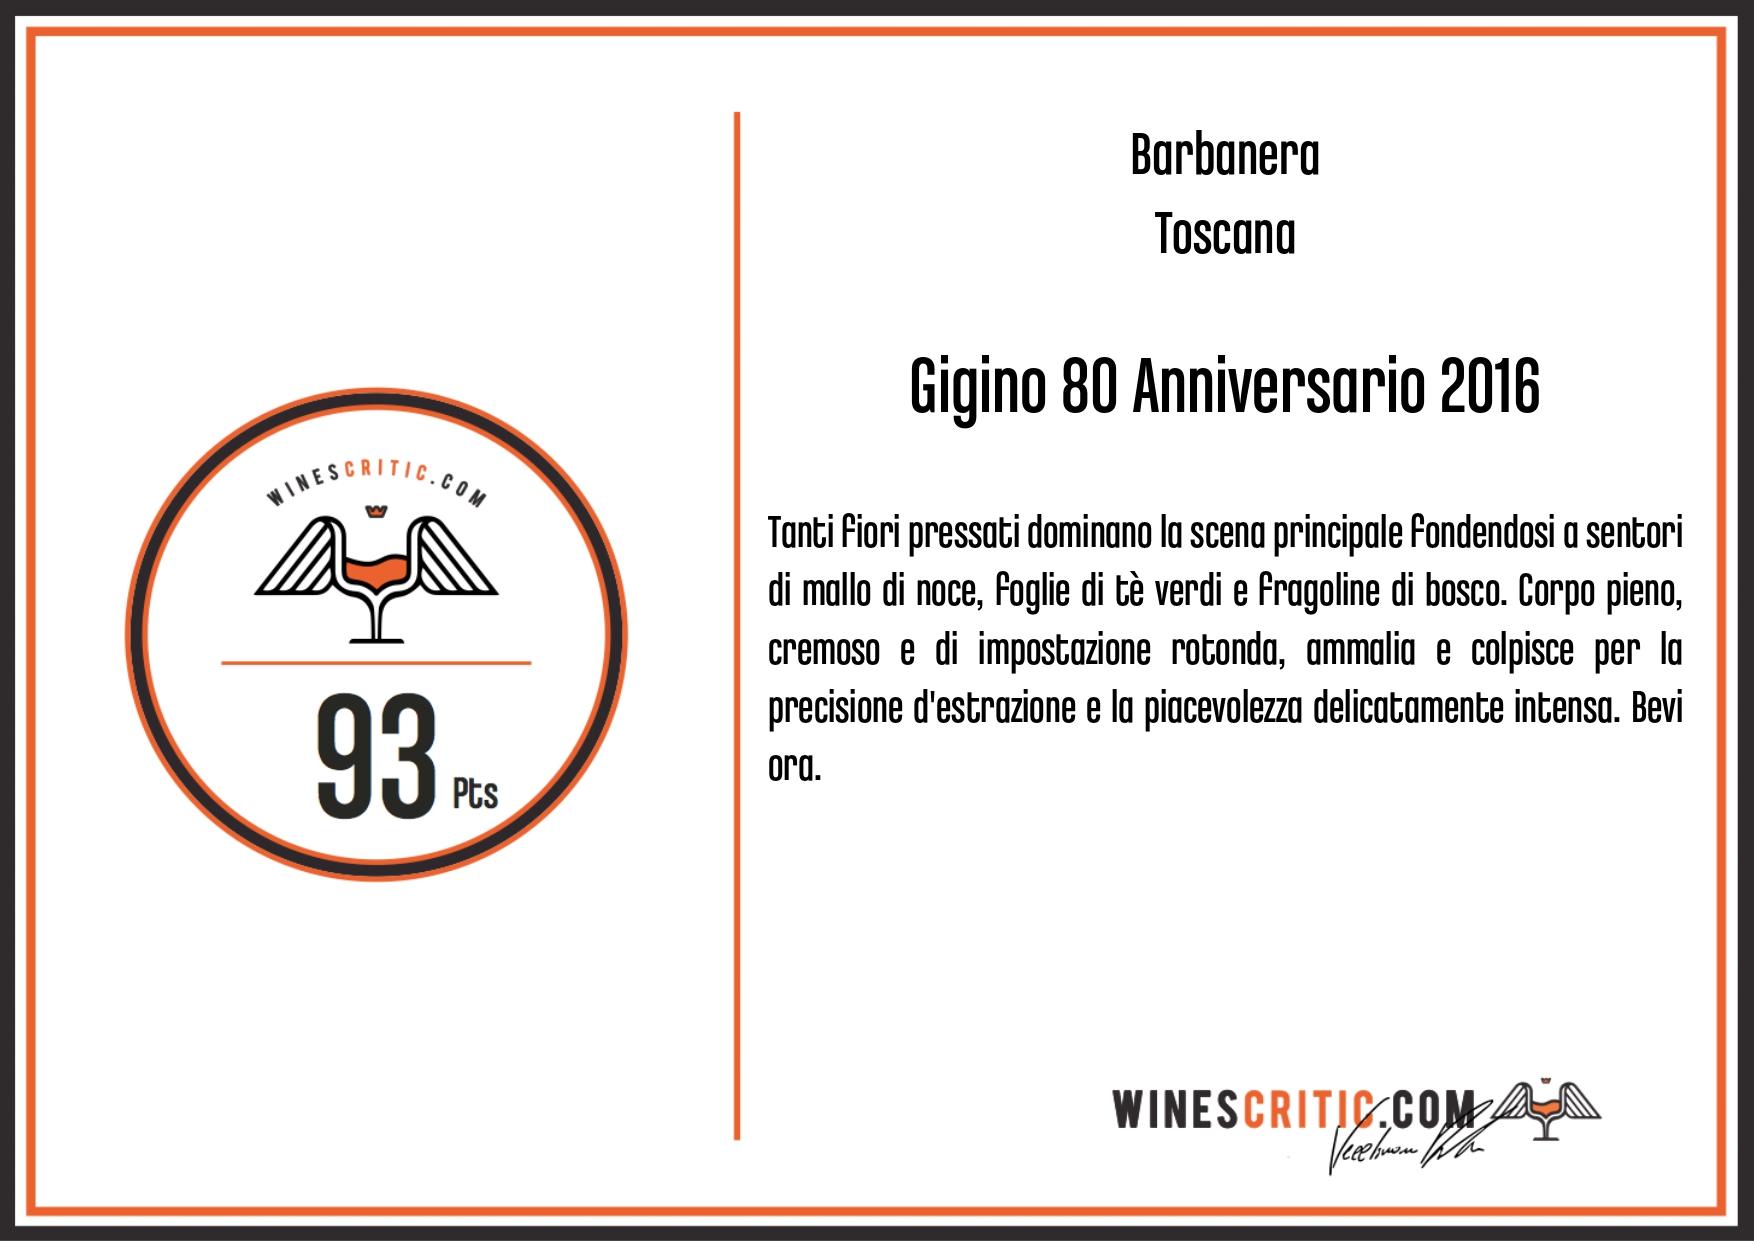 winescritic.com - Raffaele Vecchione